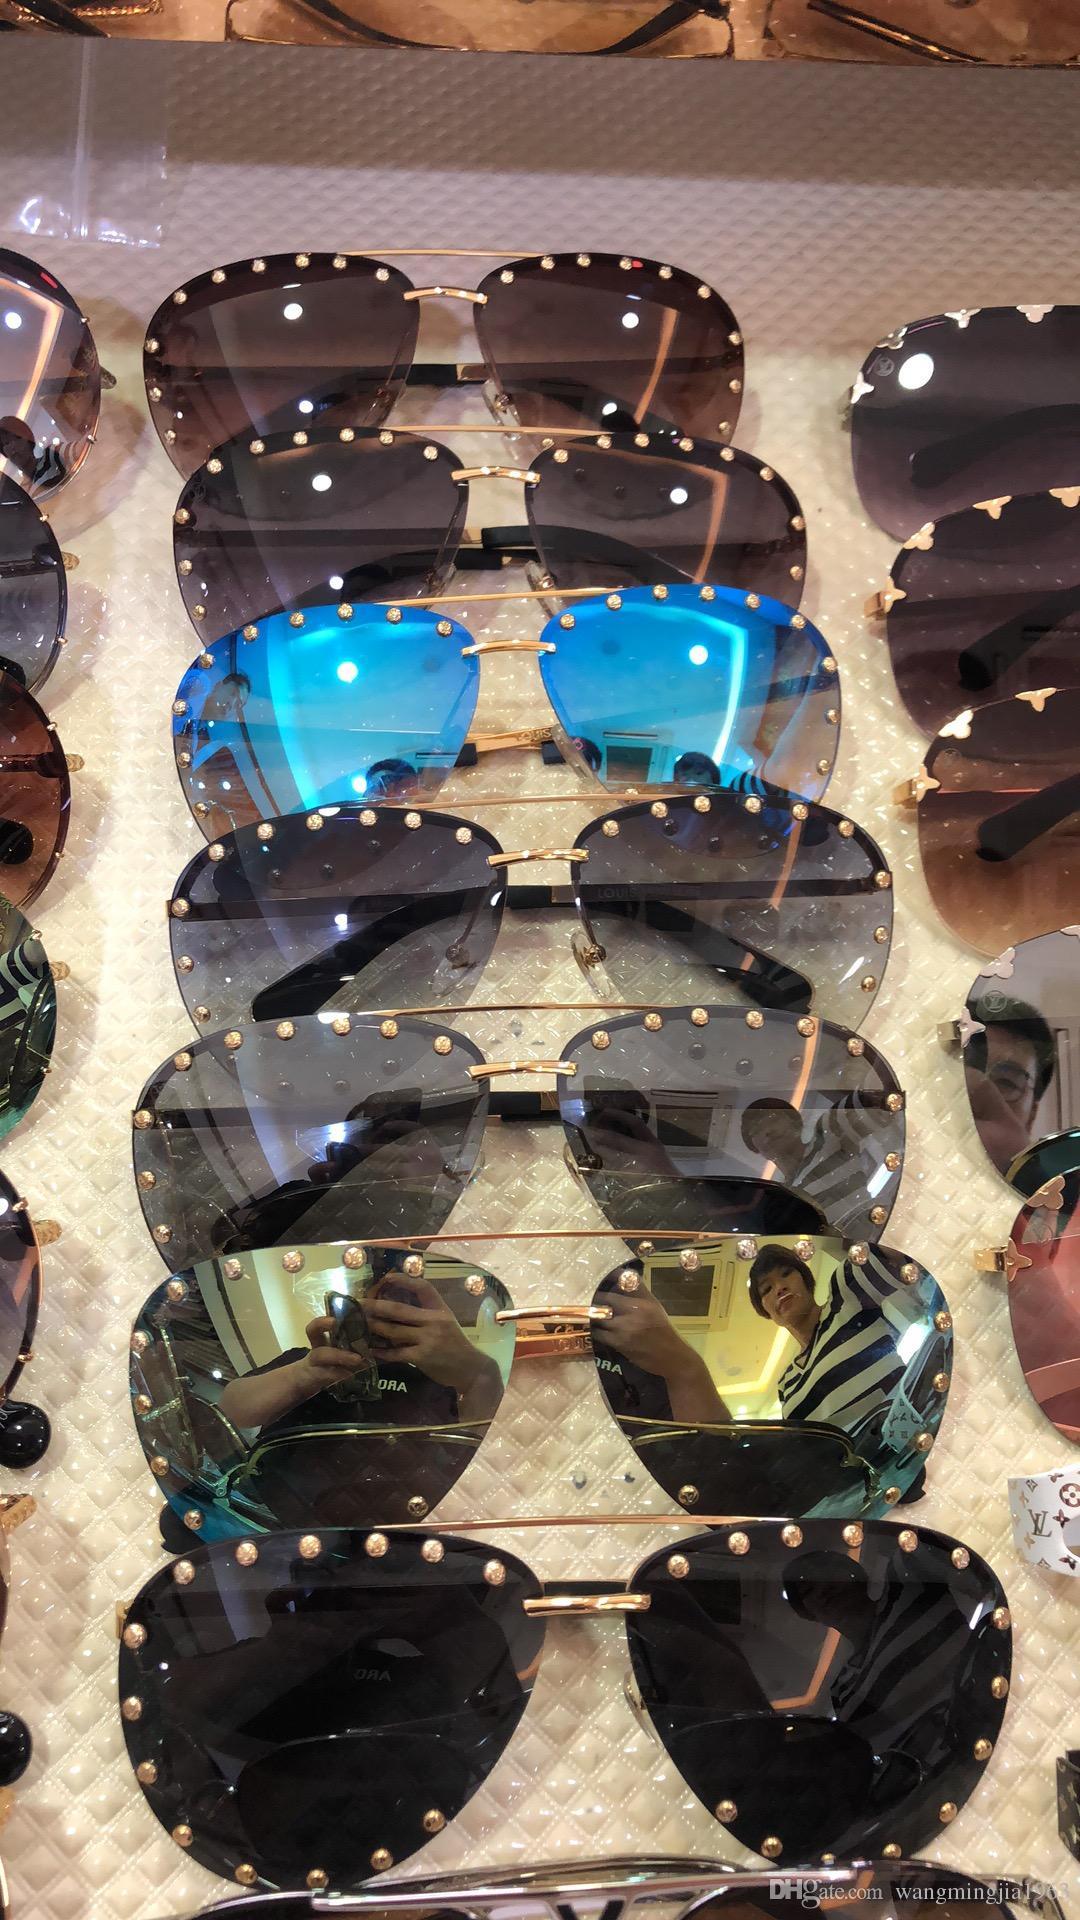 Nueva alta calidad 0914 para hombre de las gafas de sol Gafas de sol hombre gafas de sol estilo de la moda las mujeres protege los ojos Gafas de sol Gafas de sol con la caja